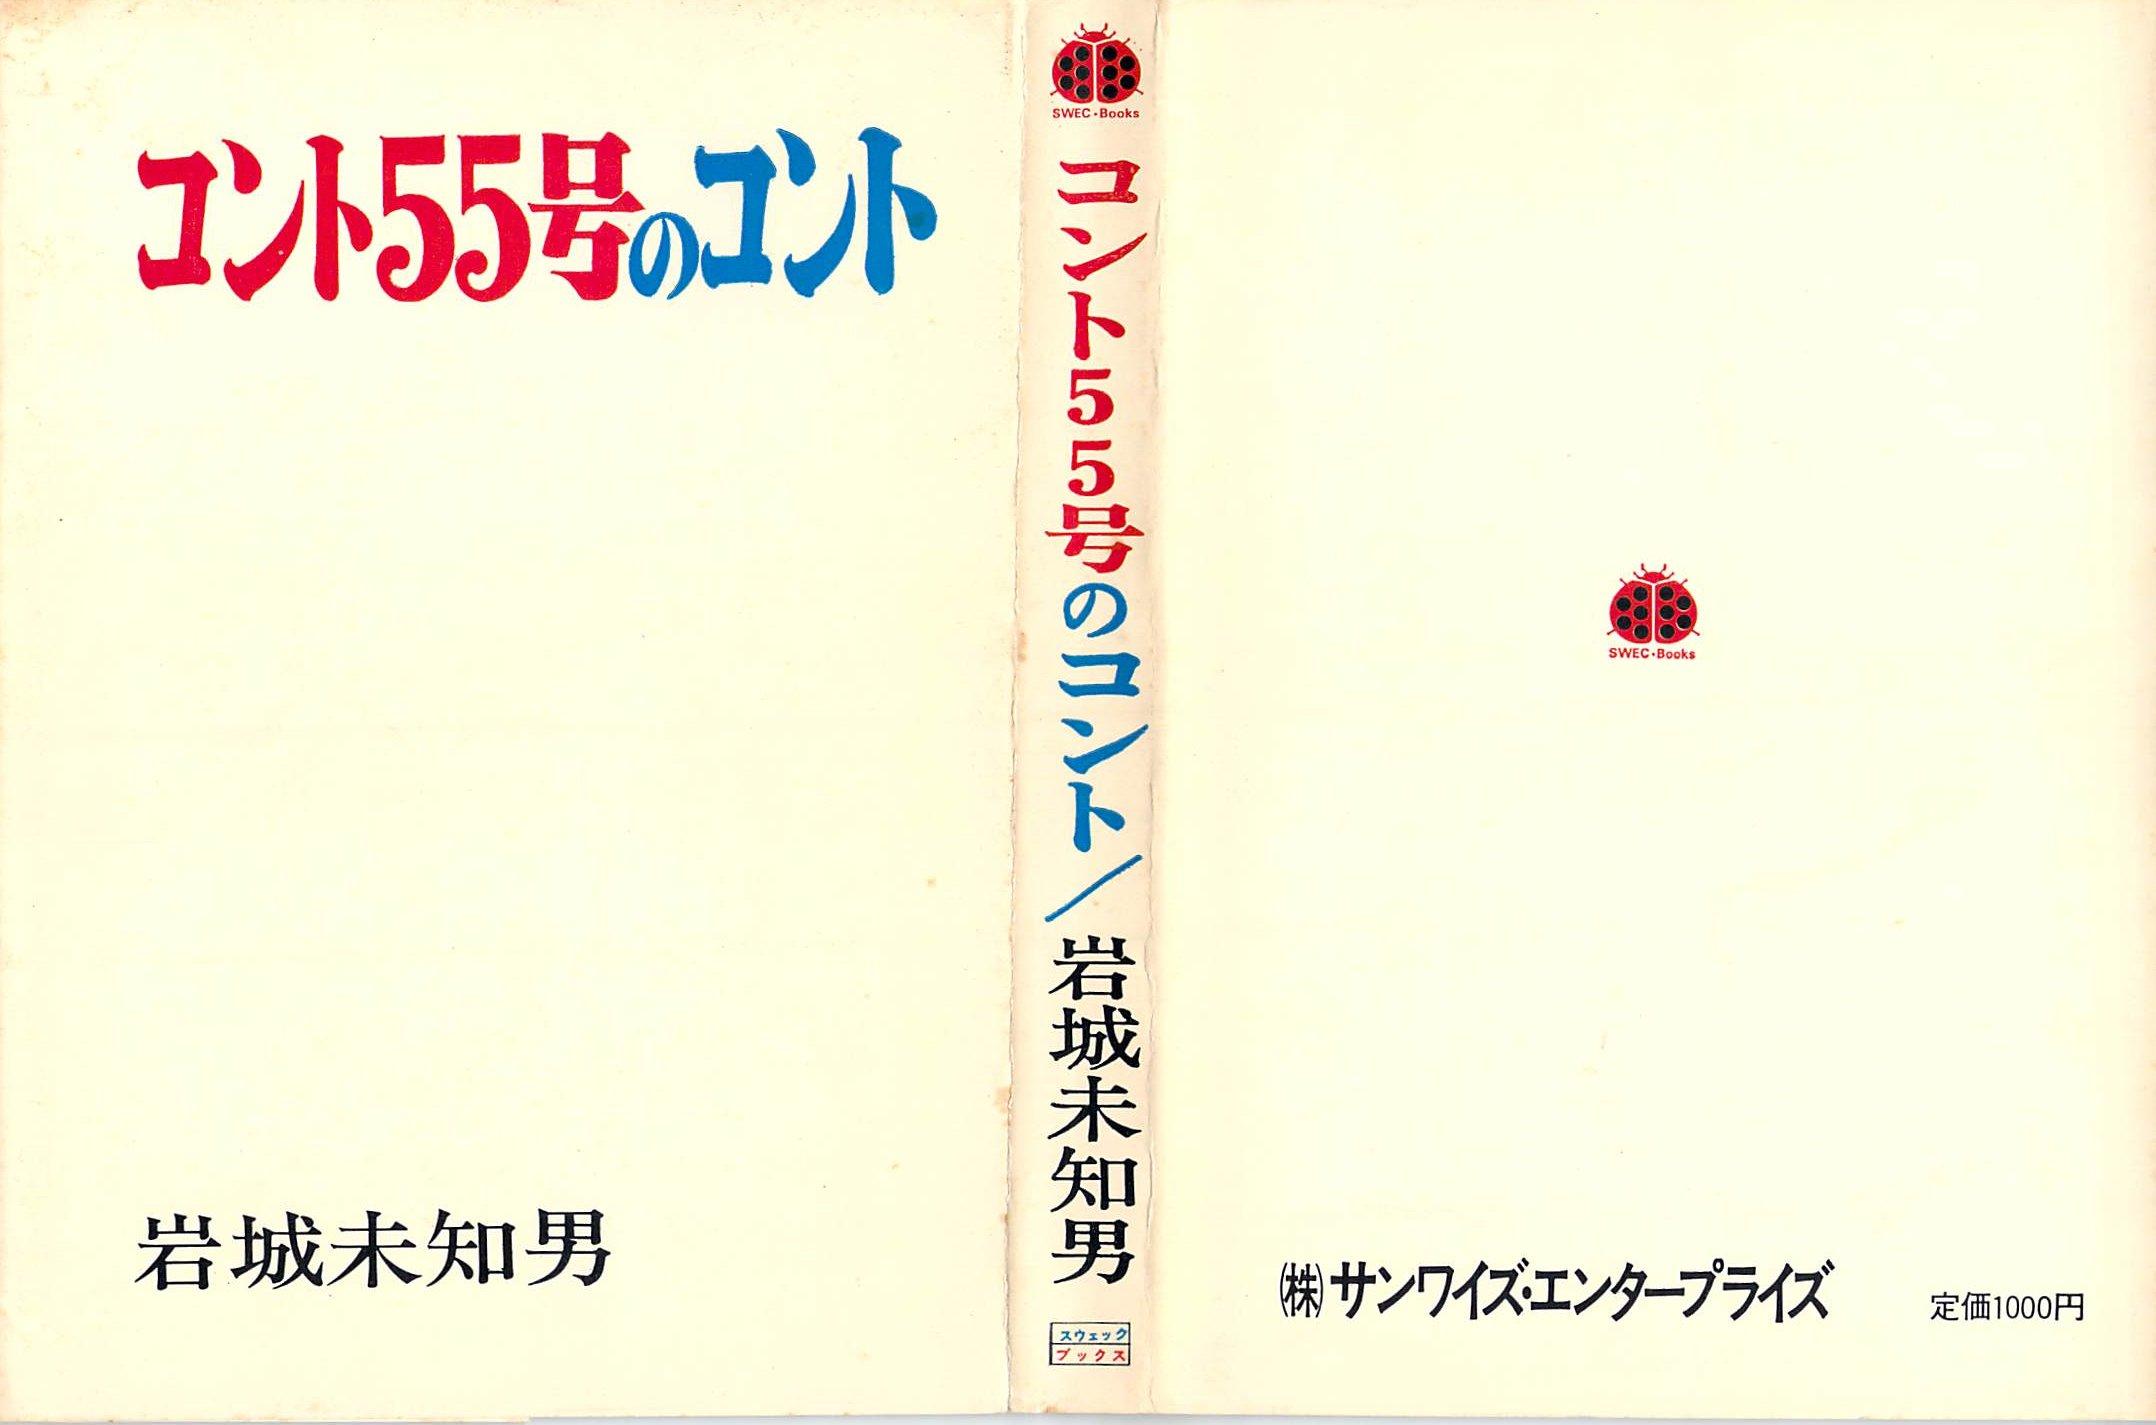 コント55号のコント・井上ひさし著作他 ●コント55号のコント他・井上ひさし著作・演劇関係入荷し